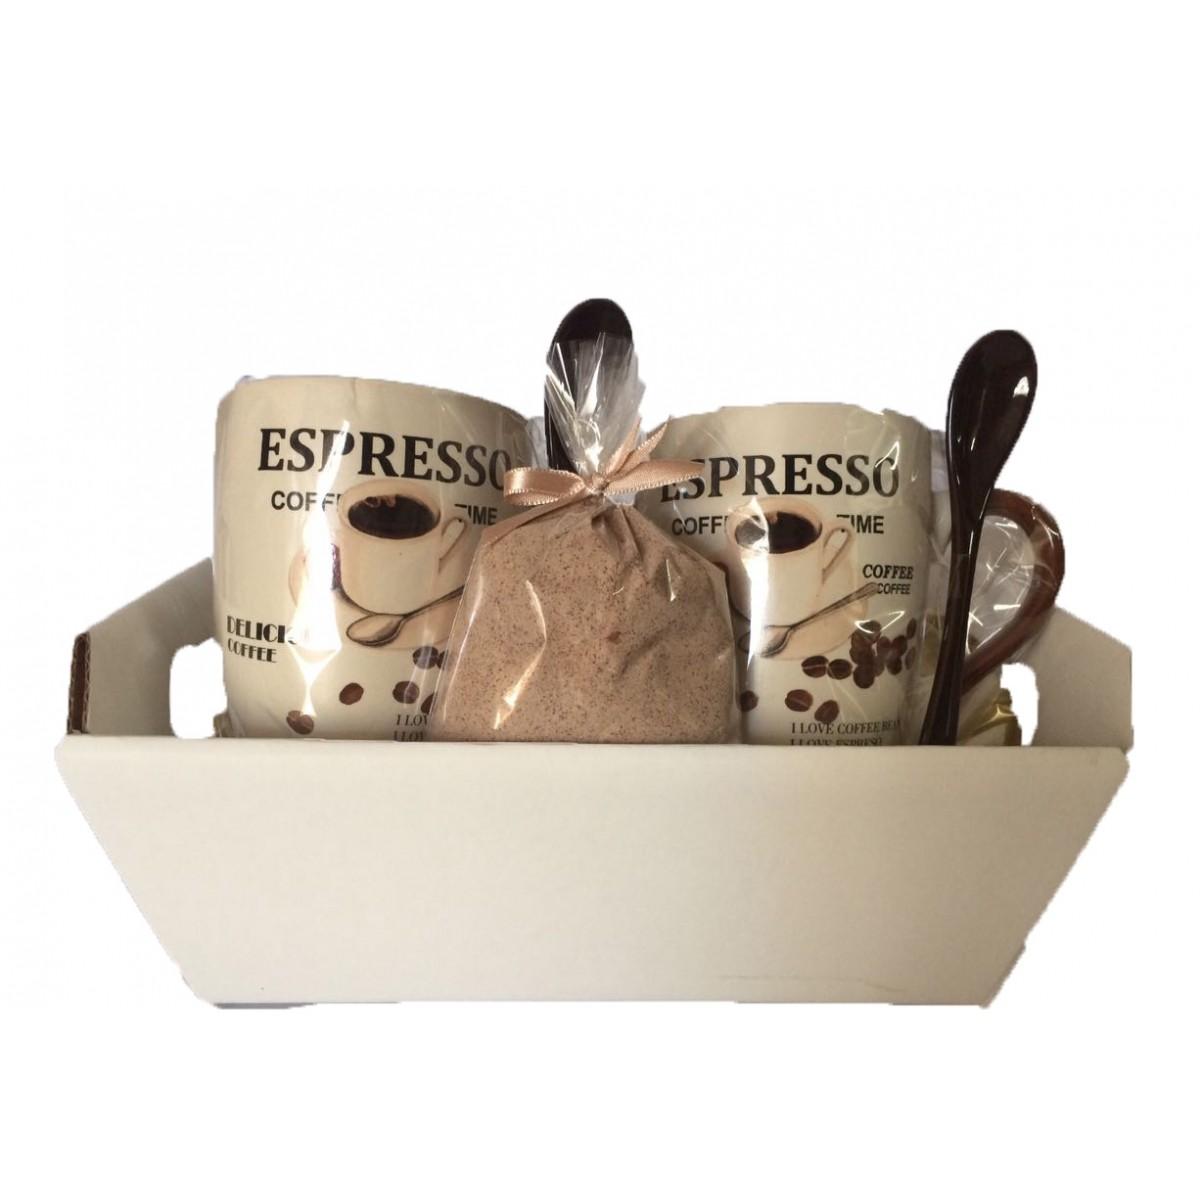 Kit Café da Manhã com 2 xícaras